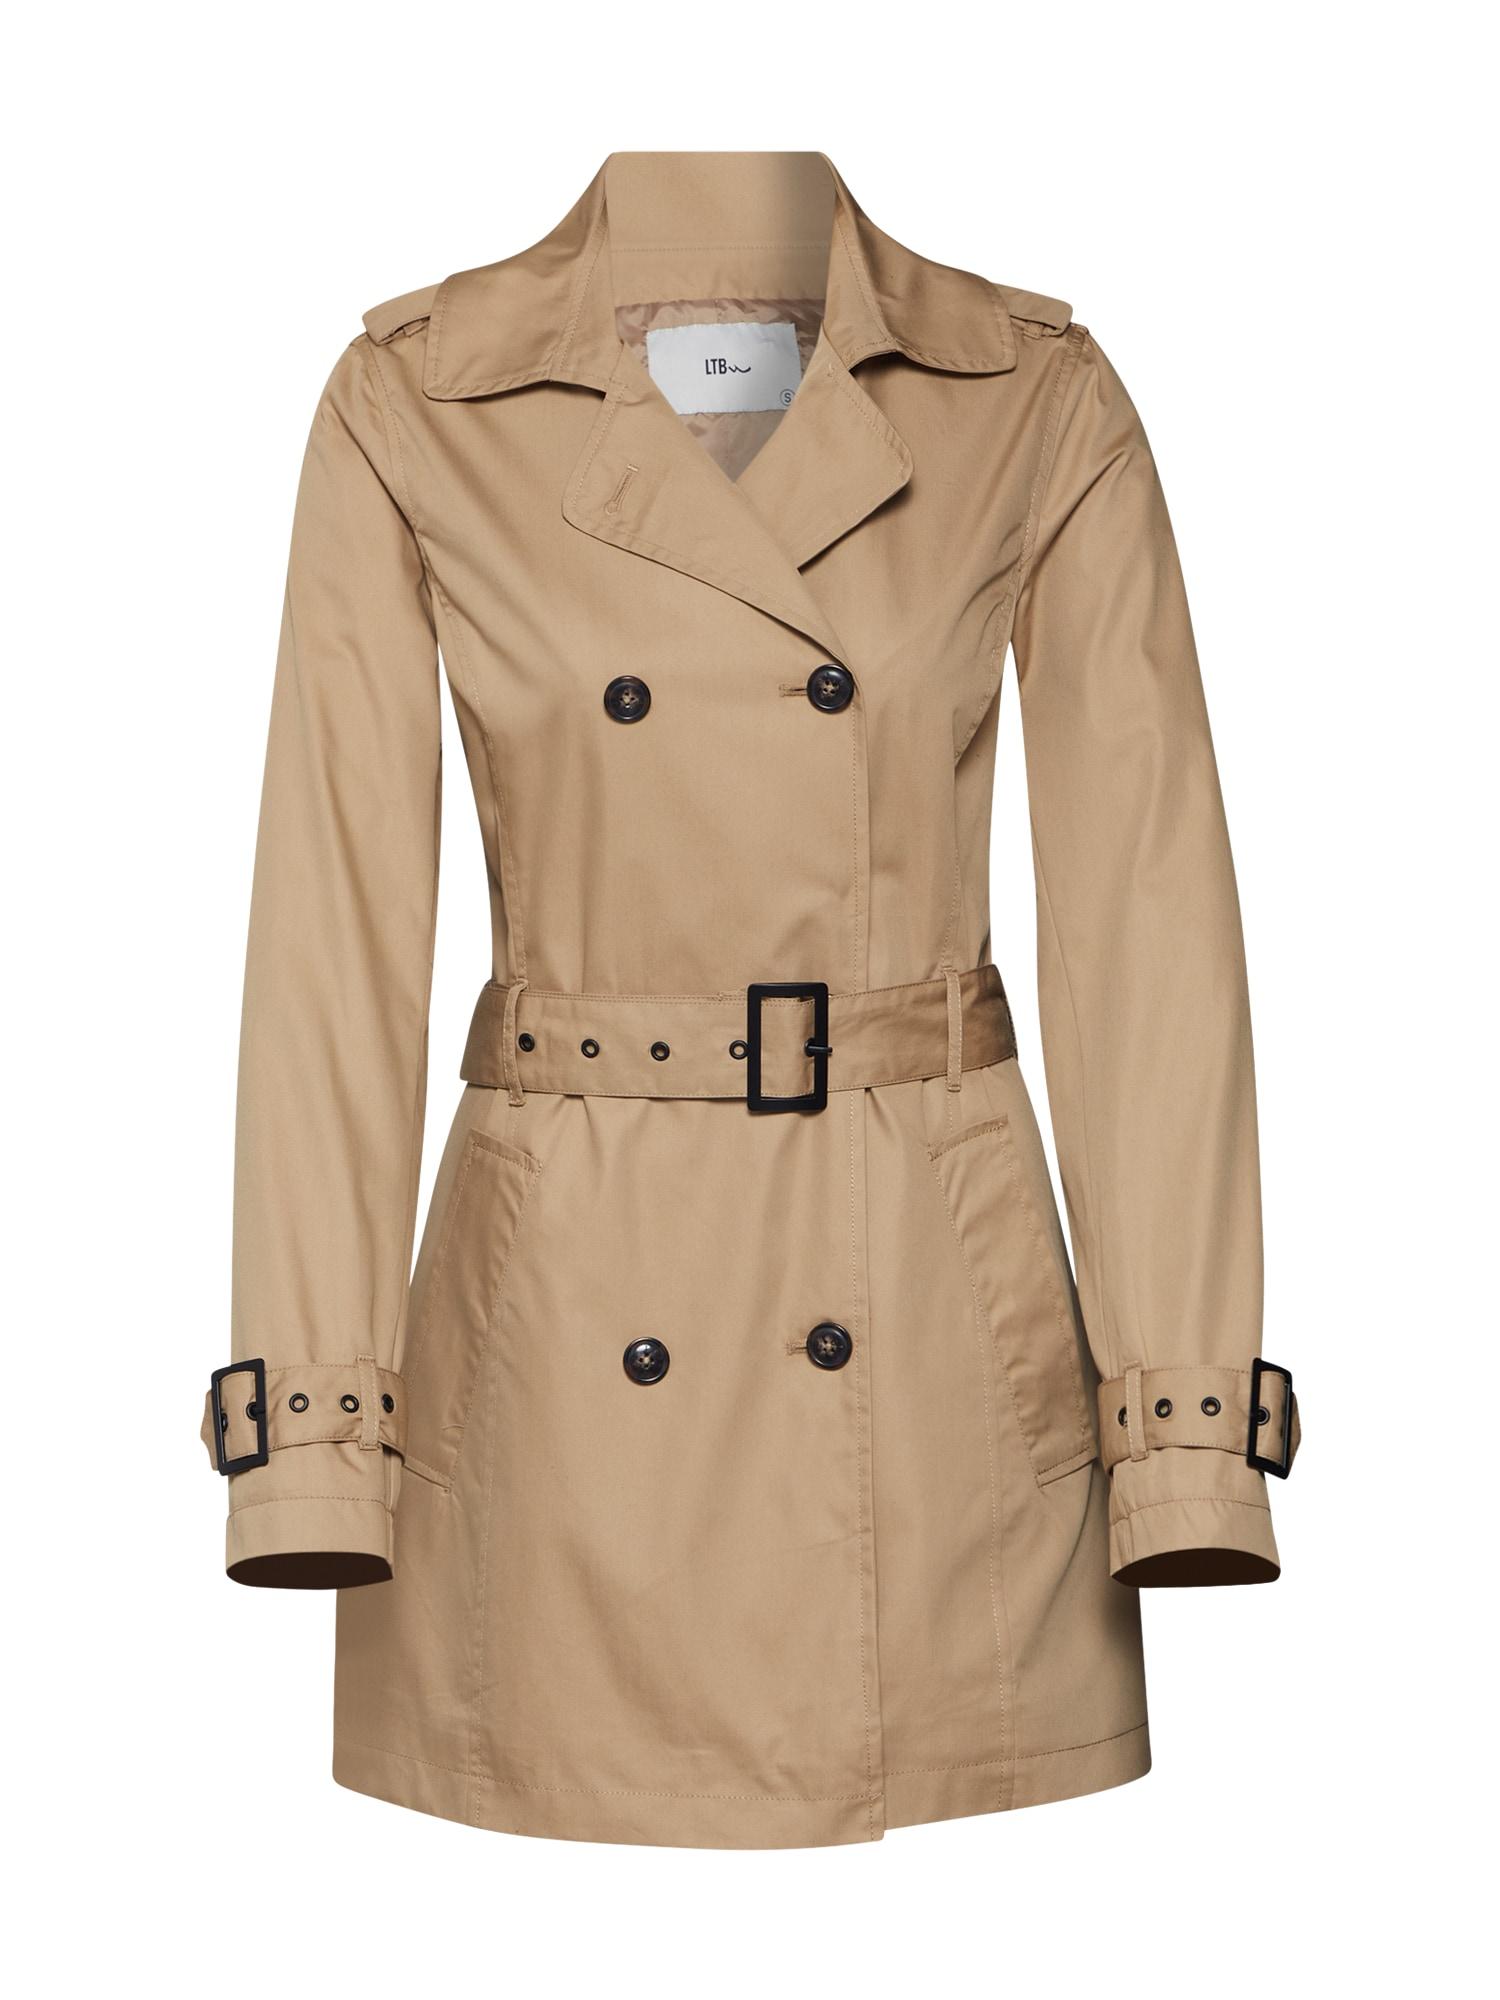 LTB Rudeninis-žieminis paltas 'SOYOPE' smėlio